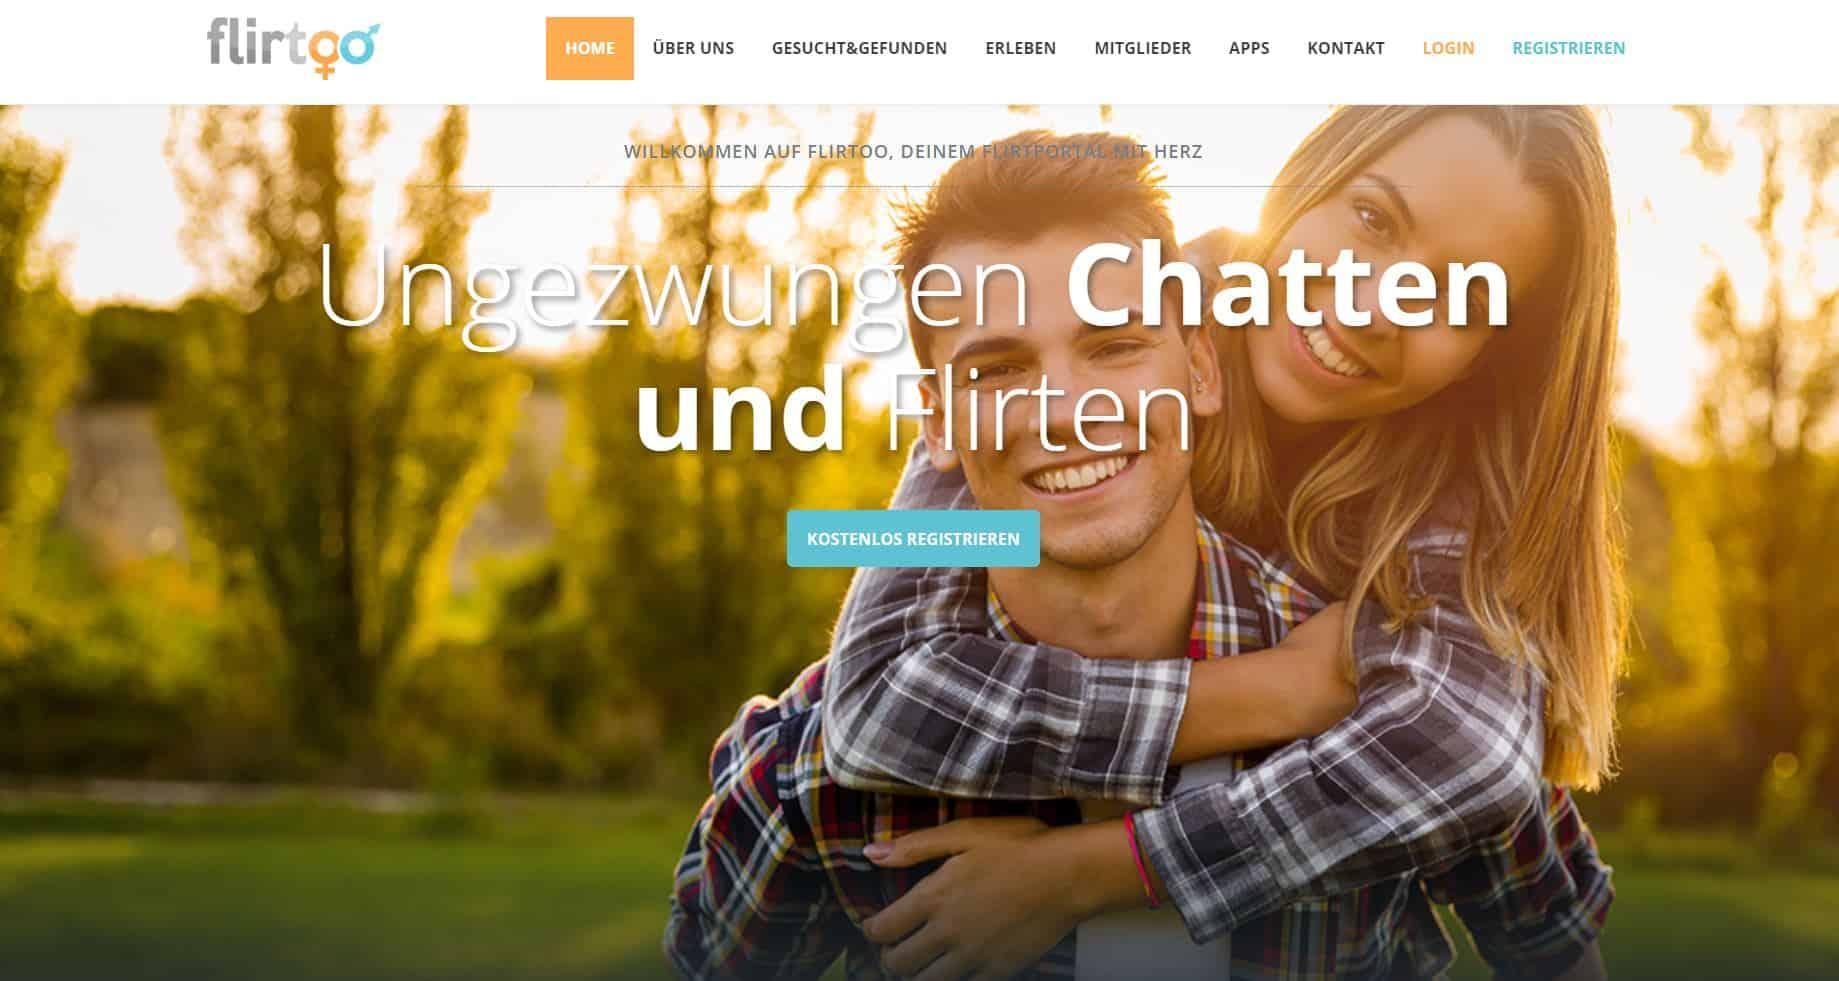 Testbericht: Flirtoo.de Abzocke